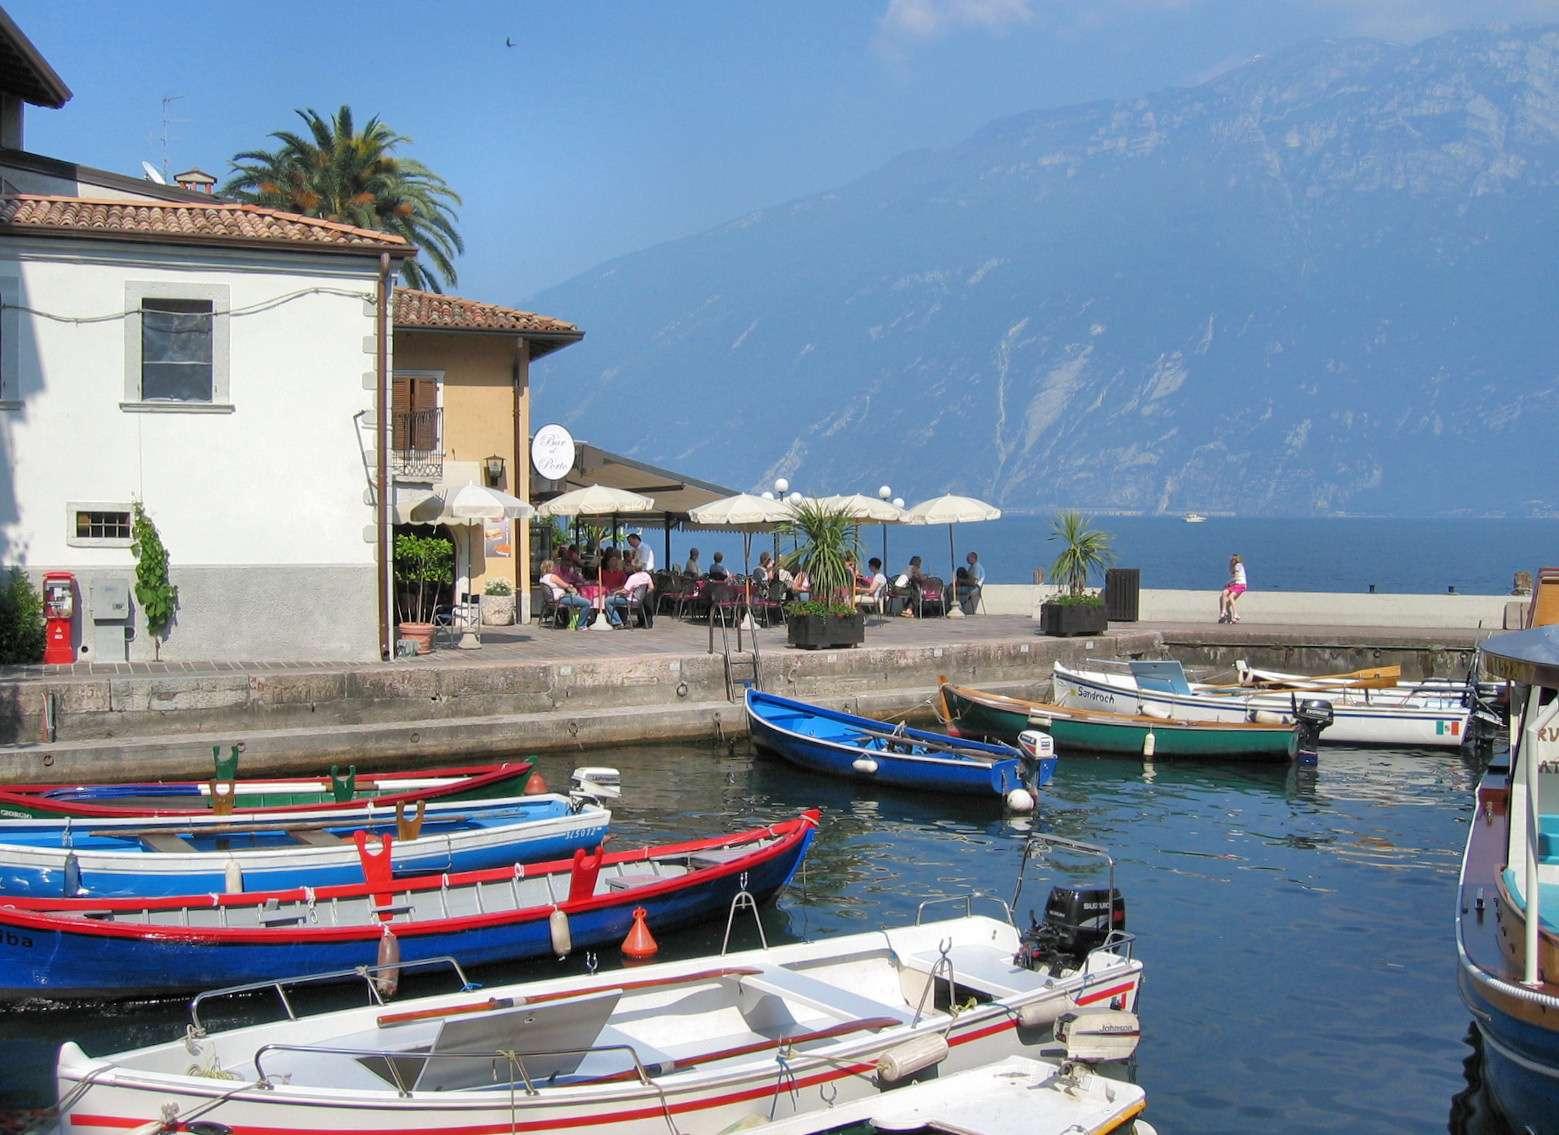 Lille havnemiljø i centrum af Limone sul Garda